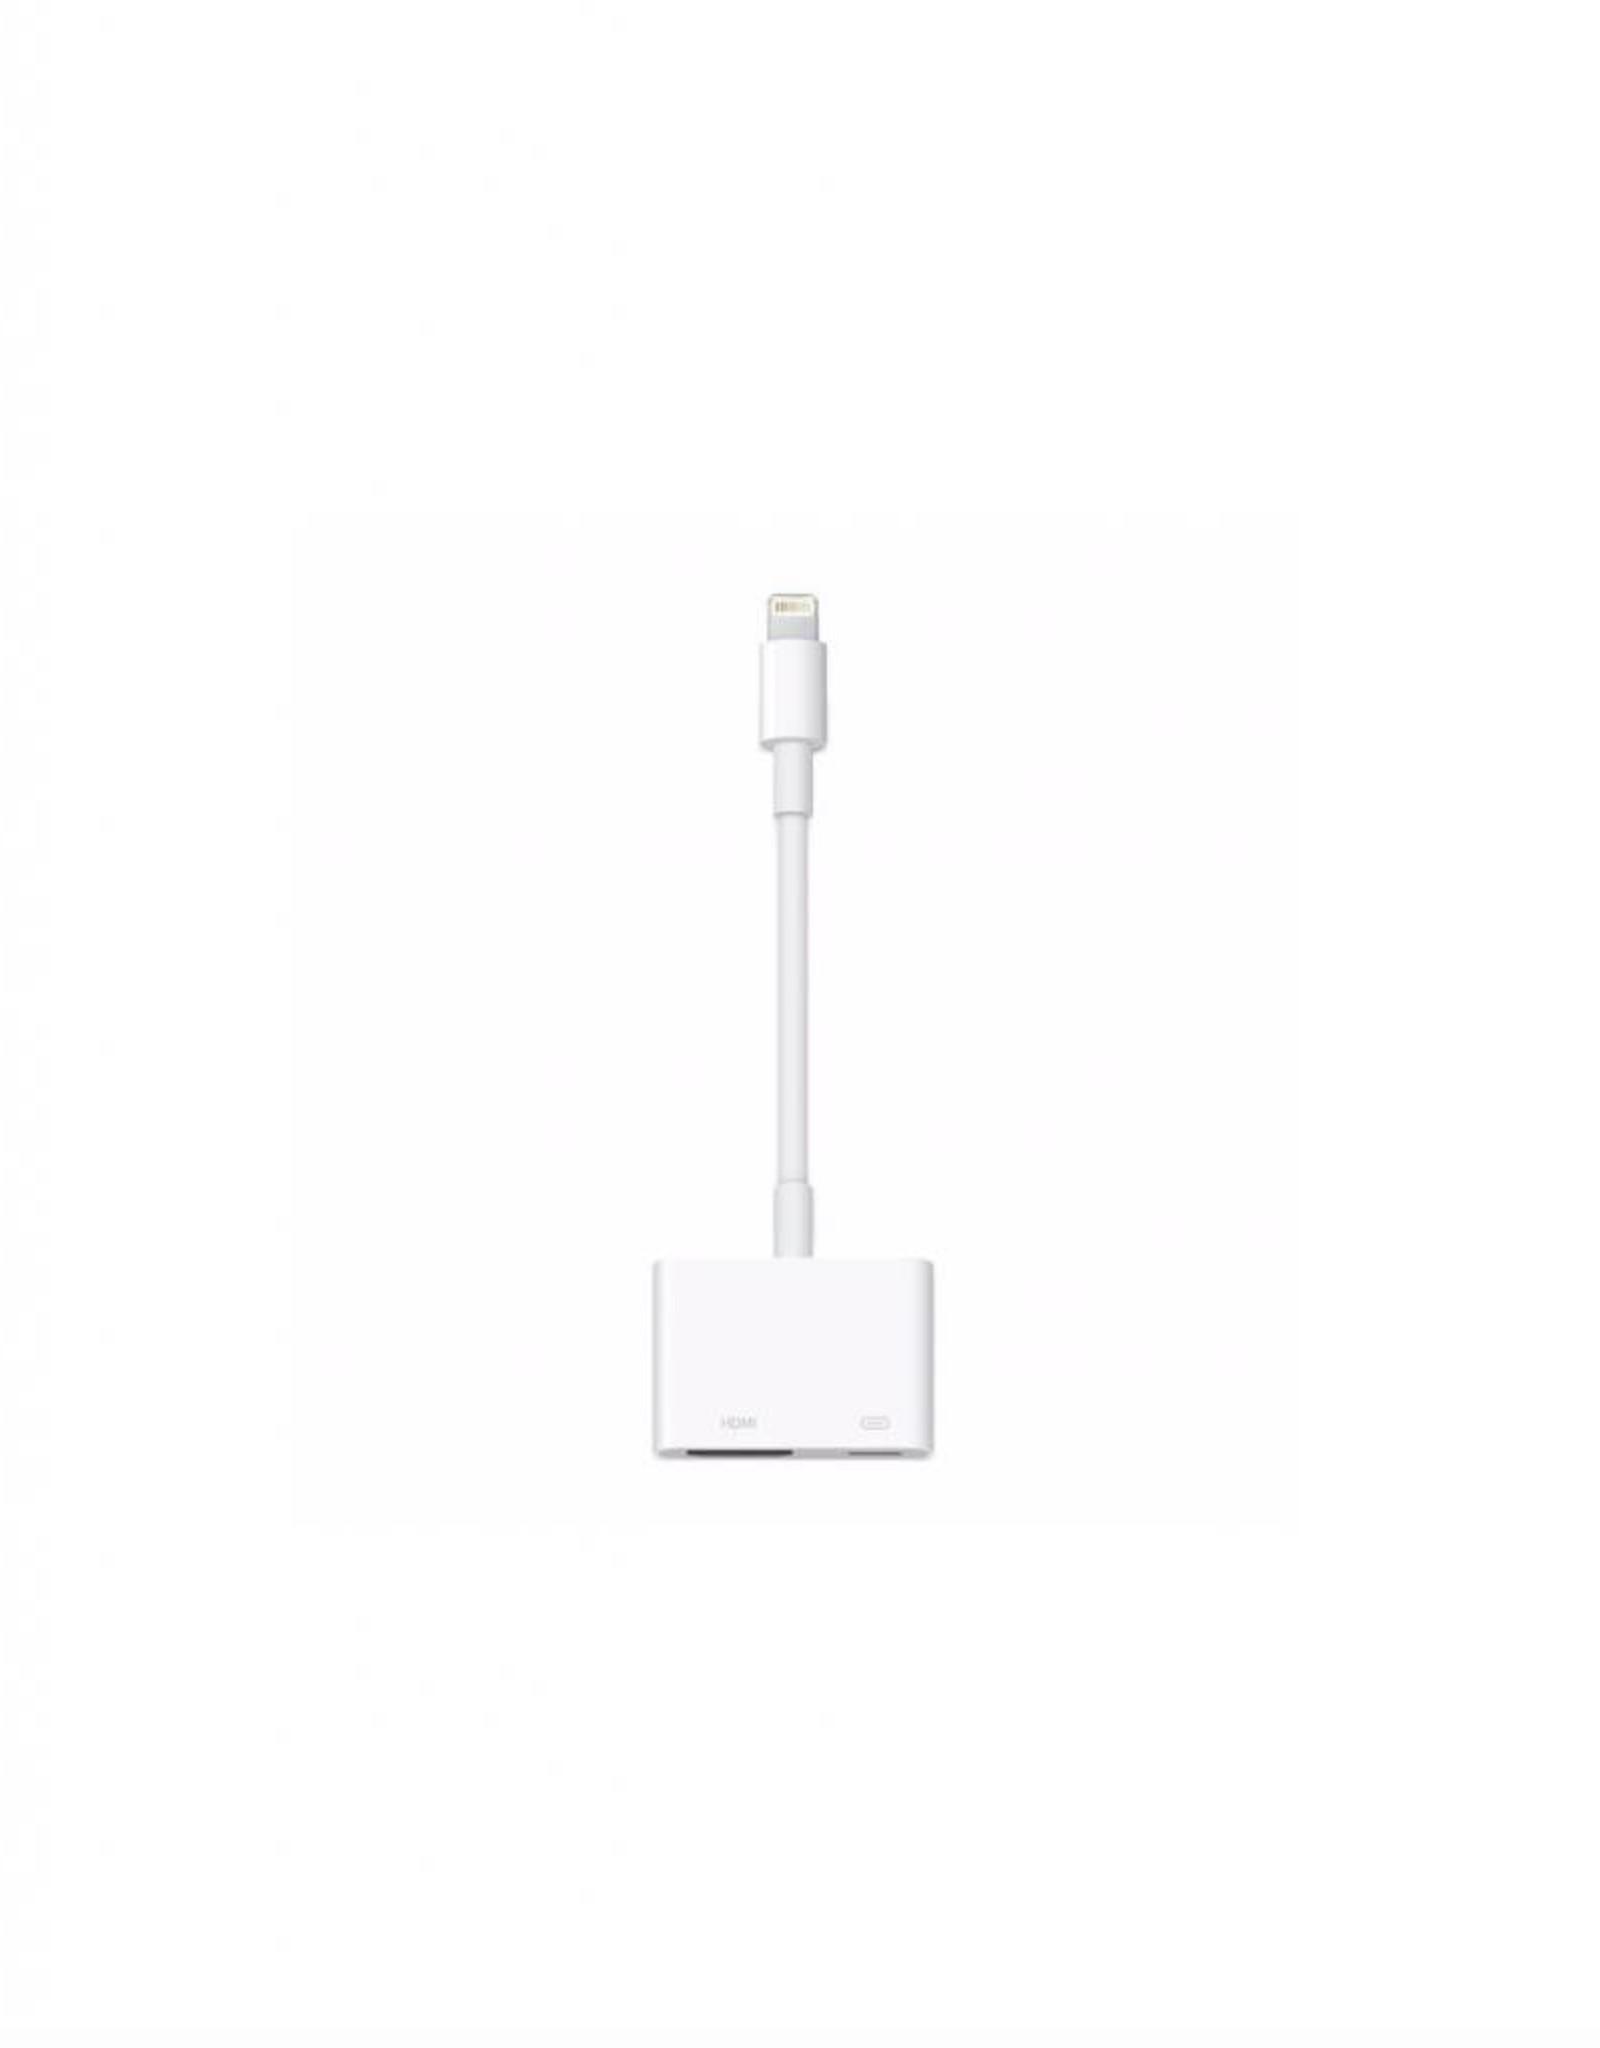 Apple APPLE LIGHTNING TO DIGITAL AV ADAPTER